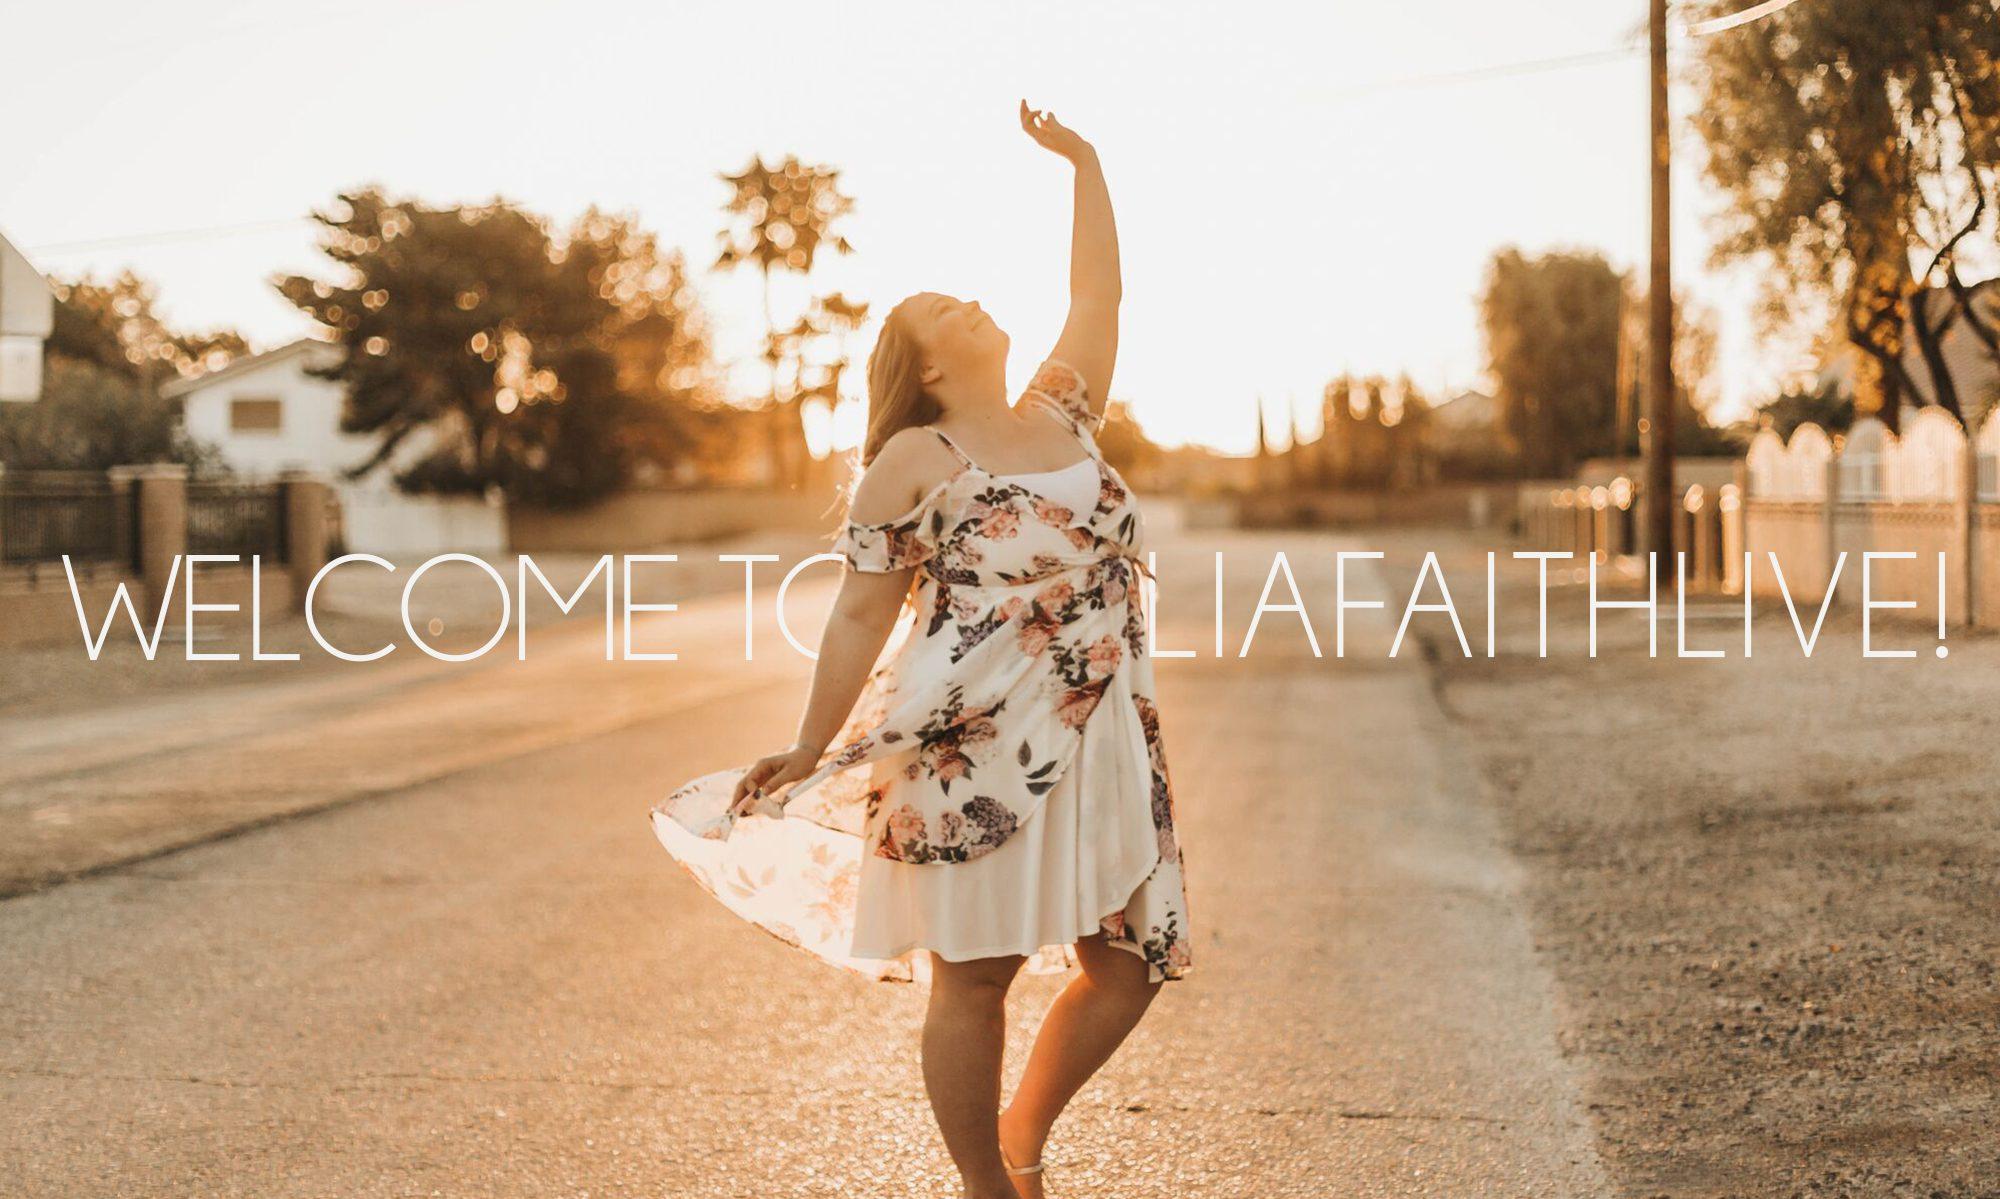 Liafaith Live!